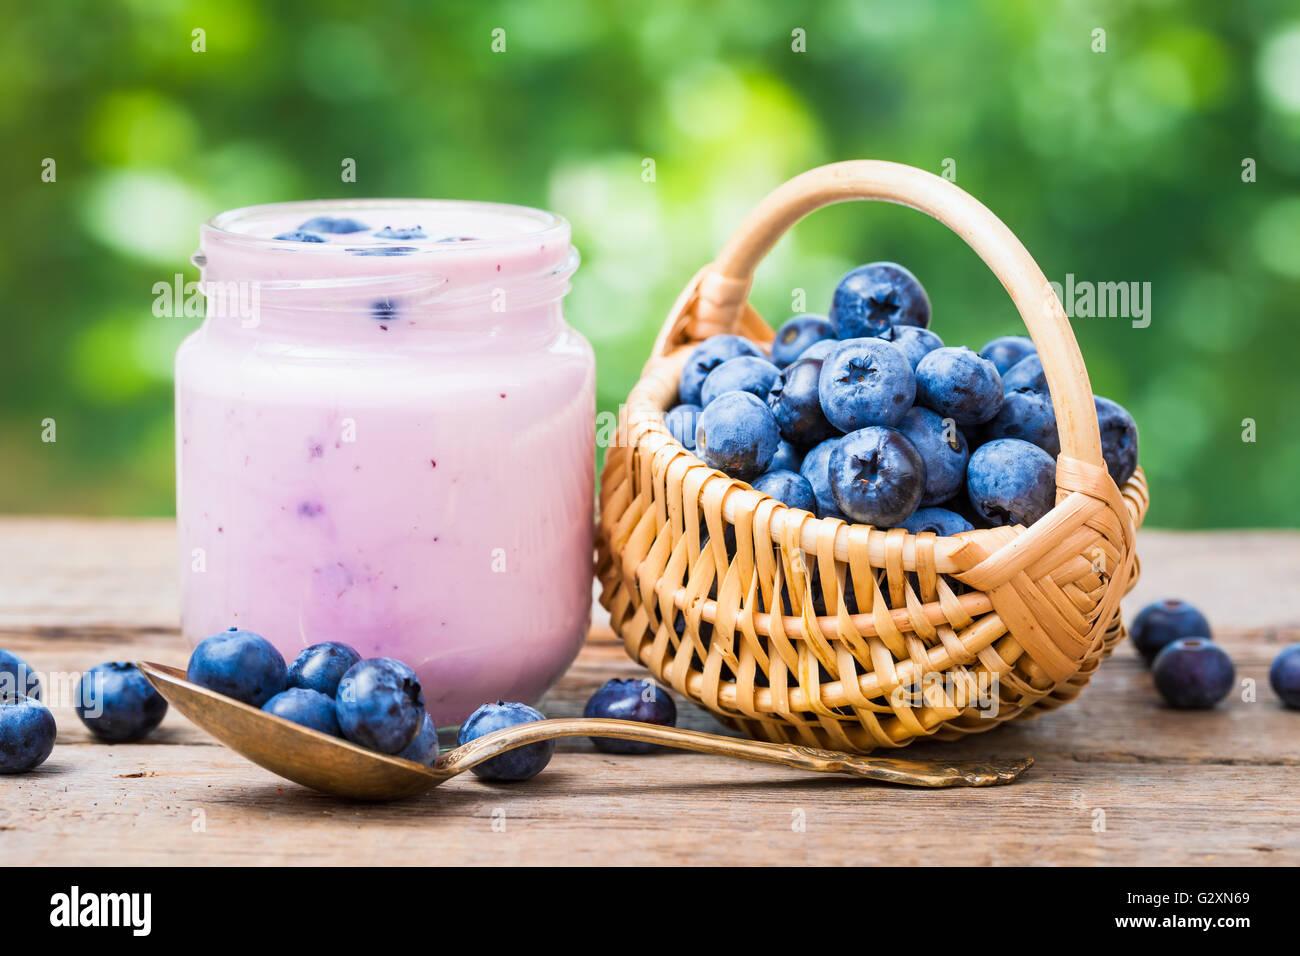 Bleuets frais Yaourts en pot et petit panier de myrtilles. Photo Stock